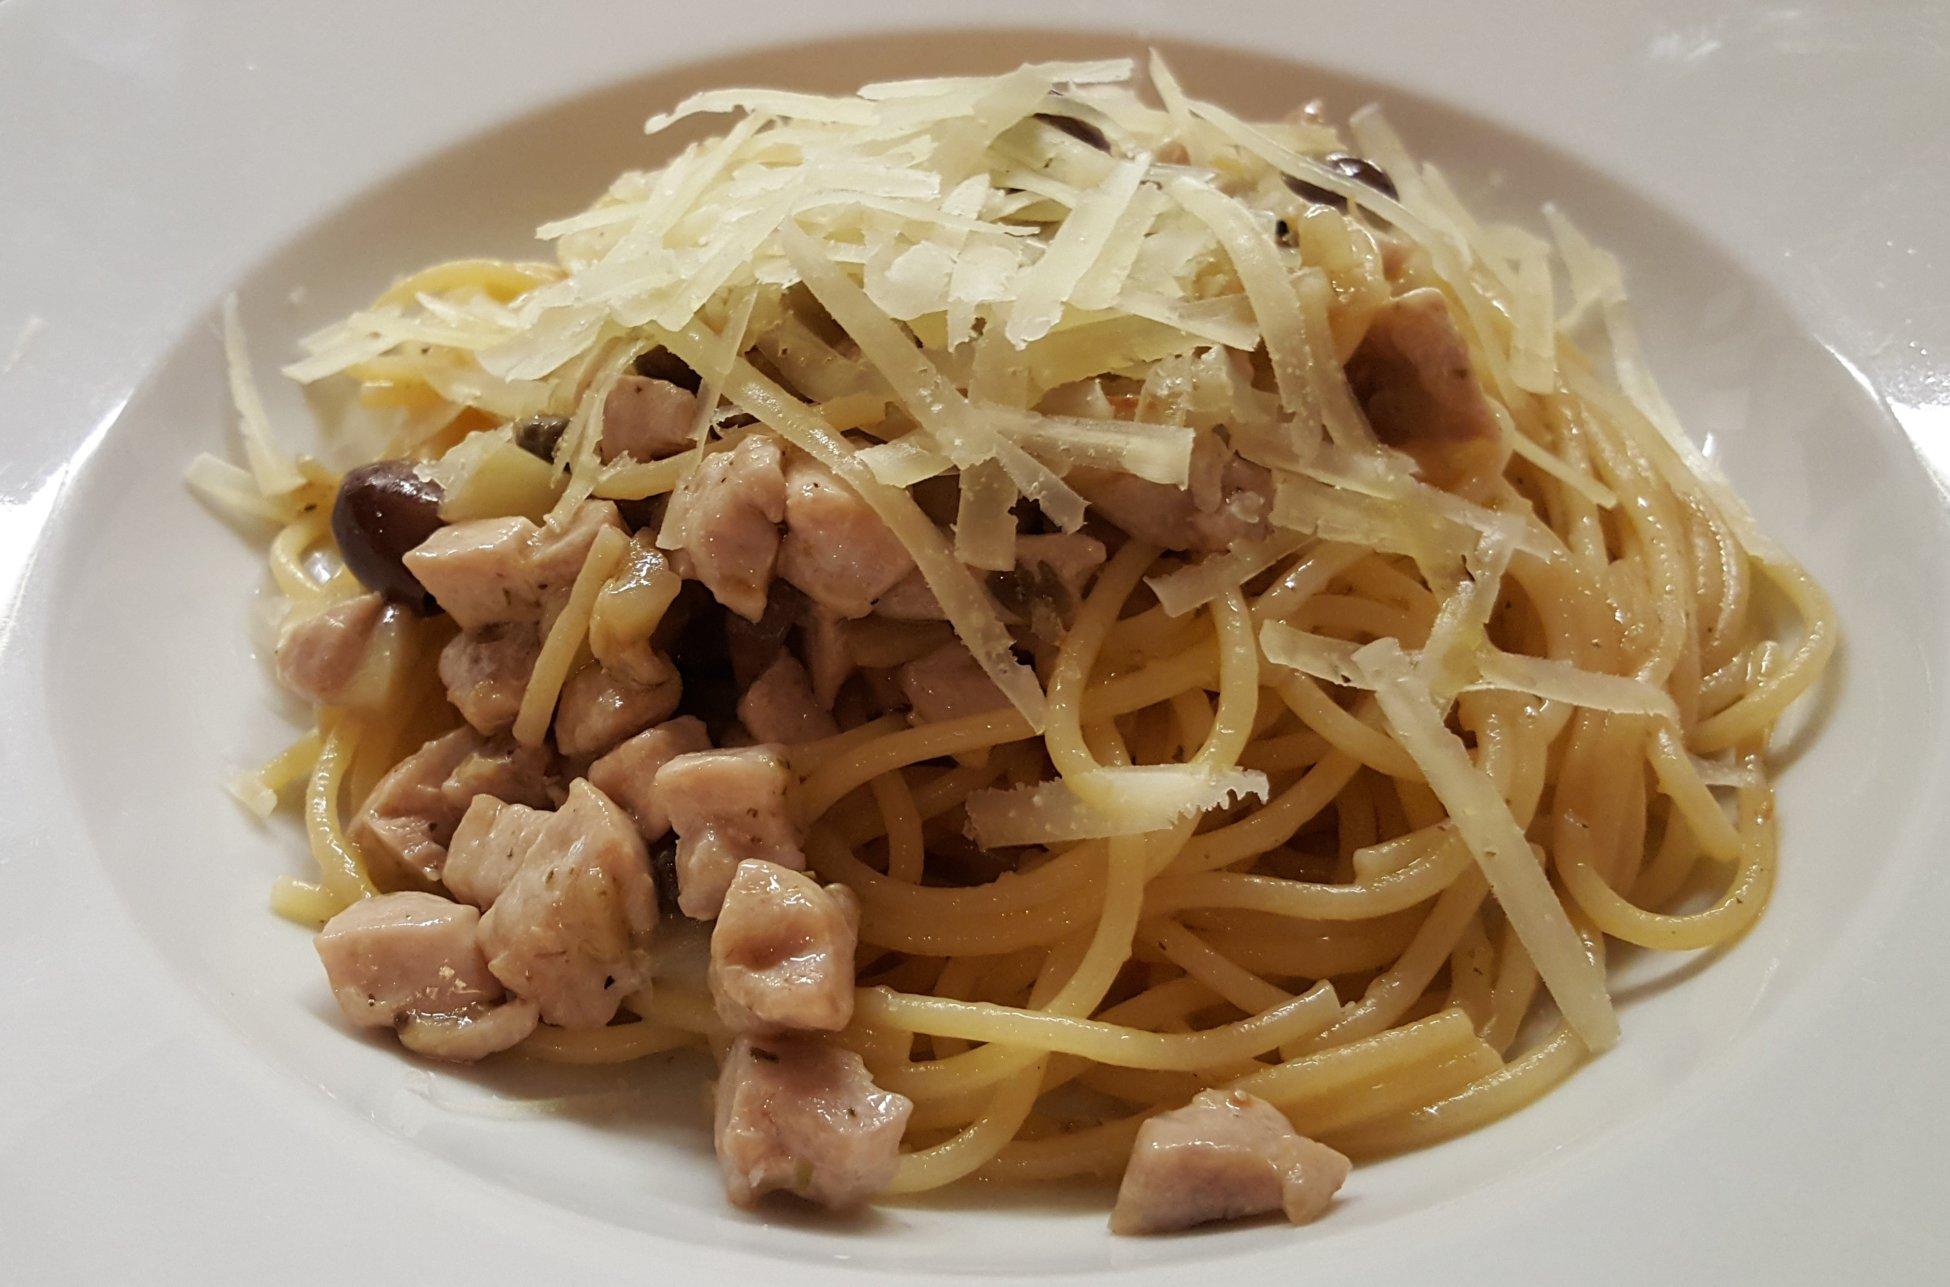 Spaghetti di kamut con tonno fresco, melanzane, capperi, olive taggiasche e pecorino -